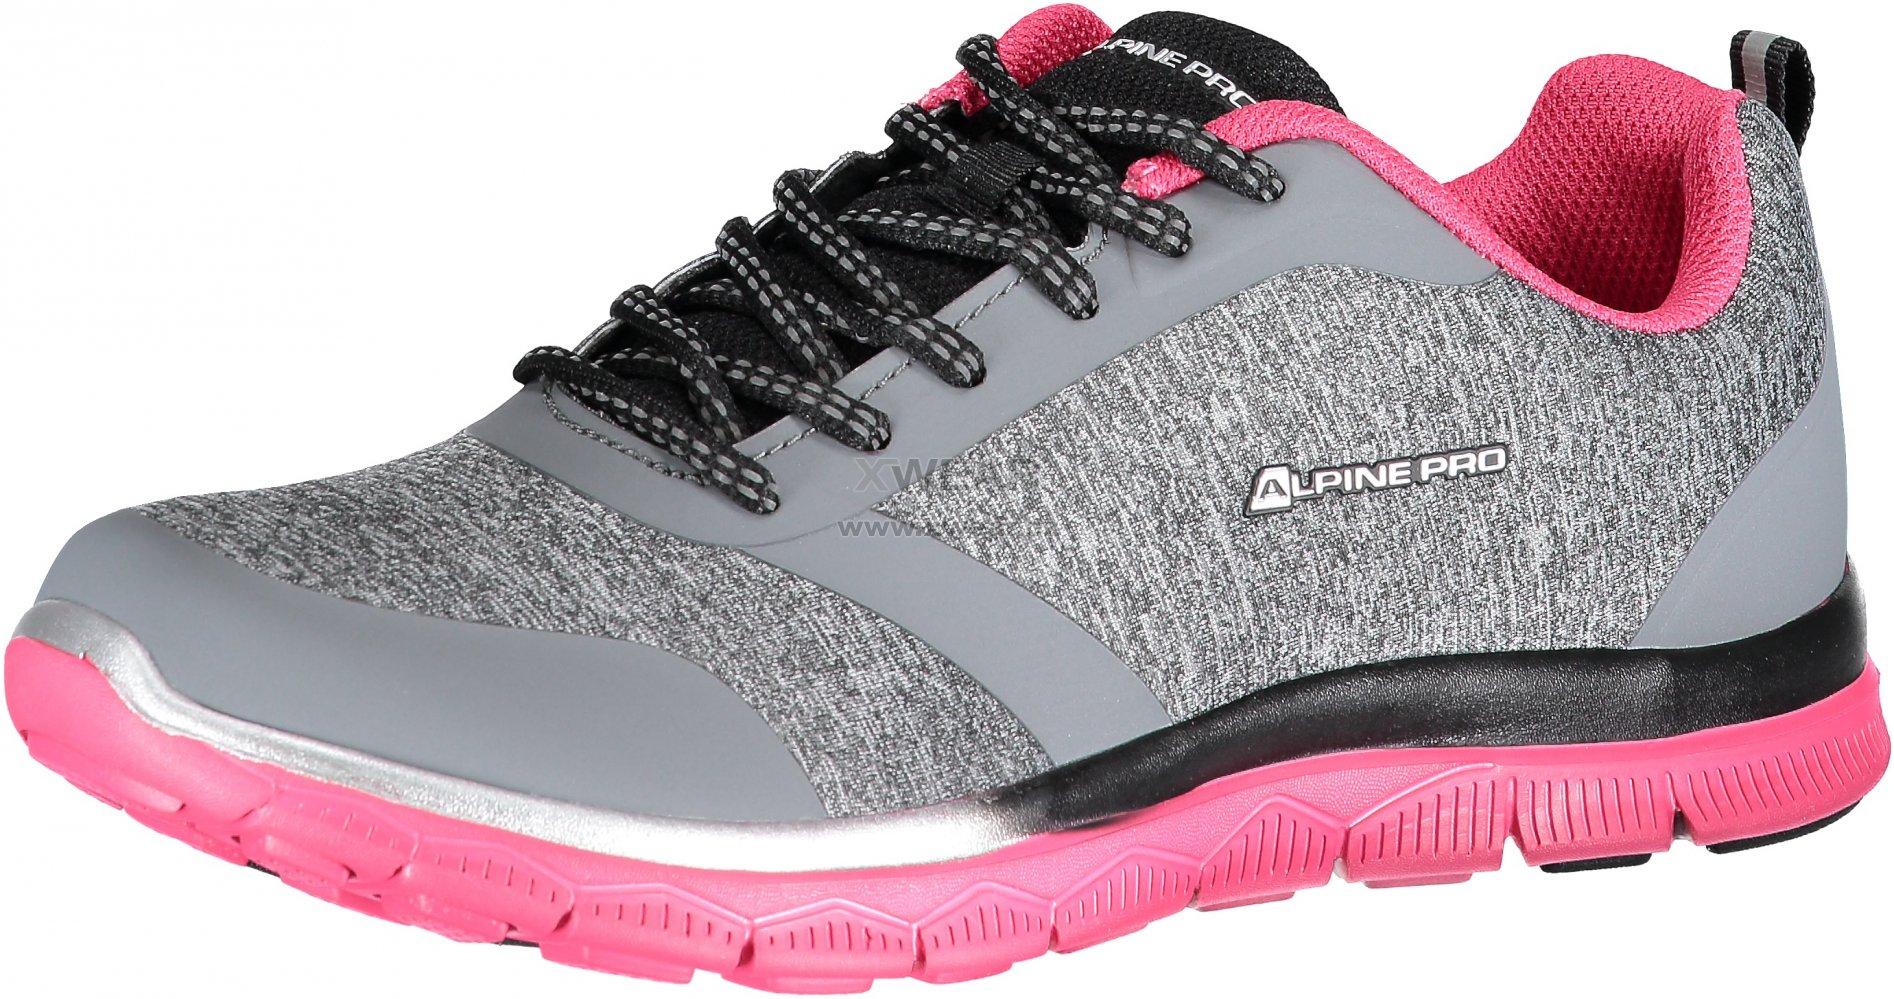 Dámské sportovní boty ALPINE PRO NIA LBTL160 TMAVĚ RŮŽOVÁ velikost ... bb7d85198a